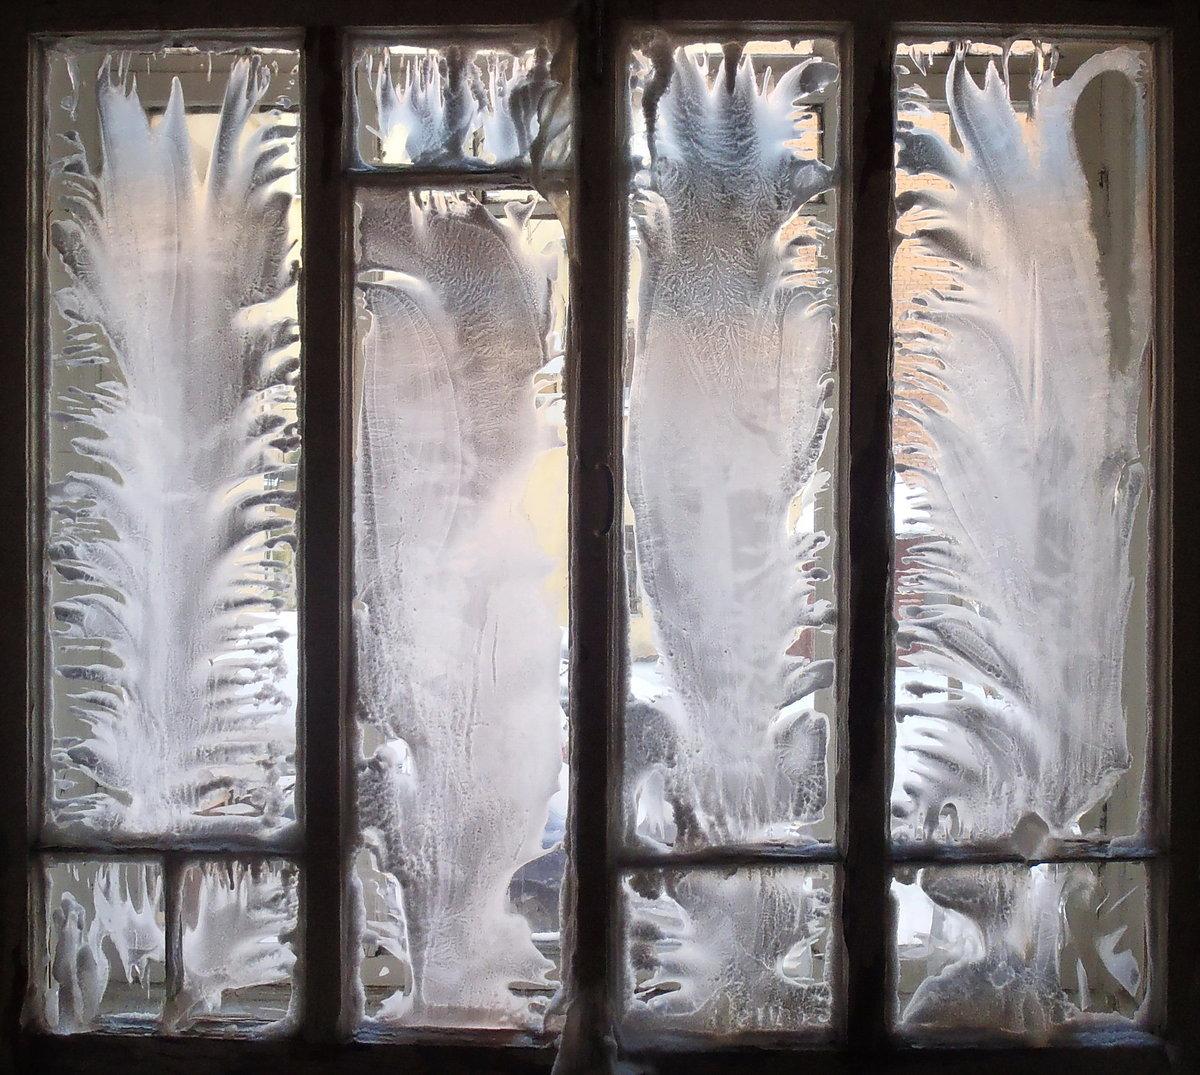 картинки замороженного окна говоря, подобное